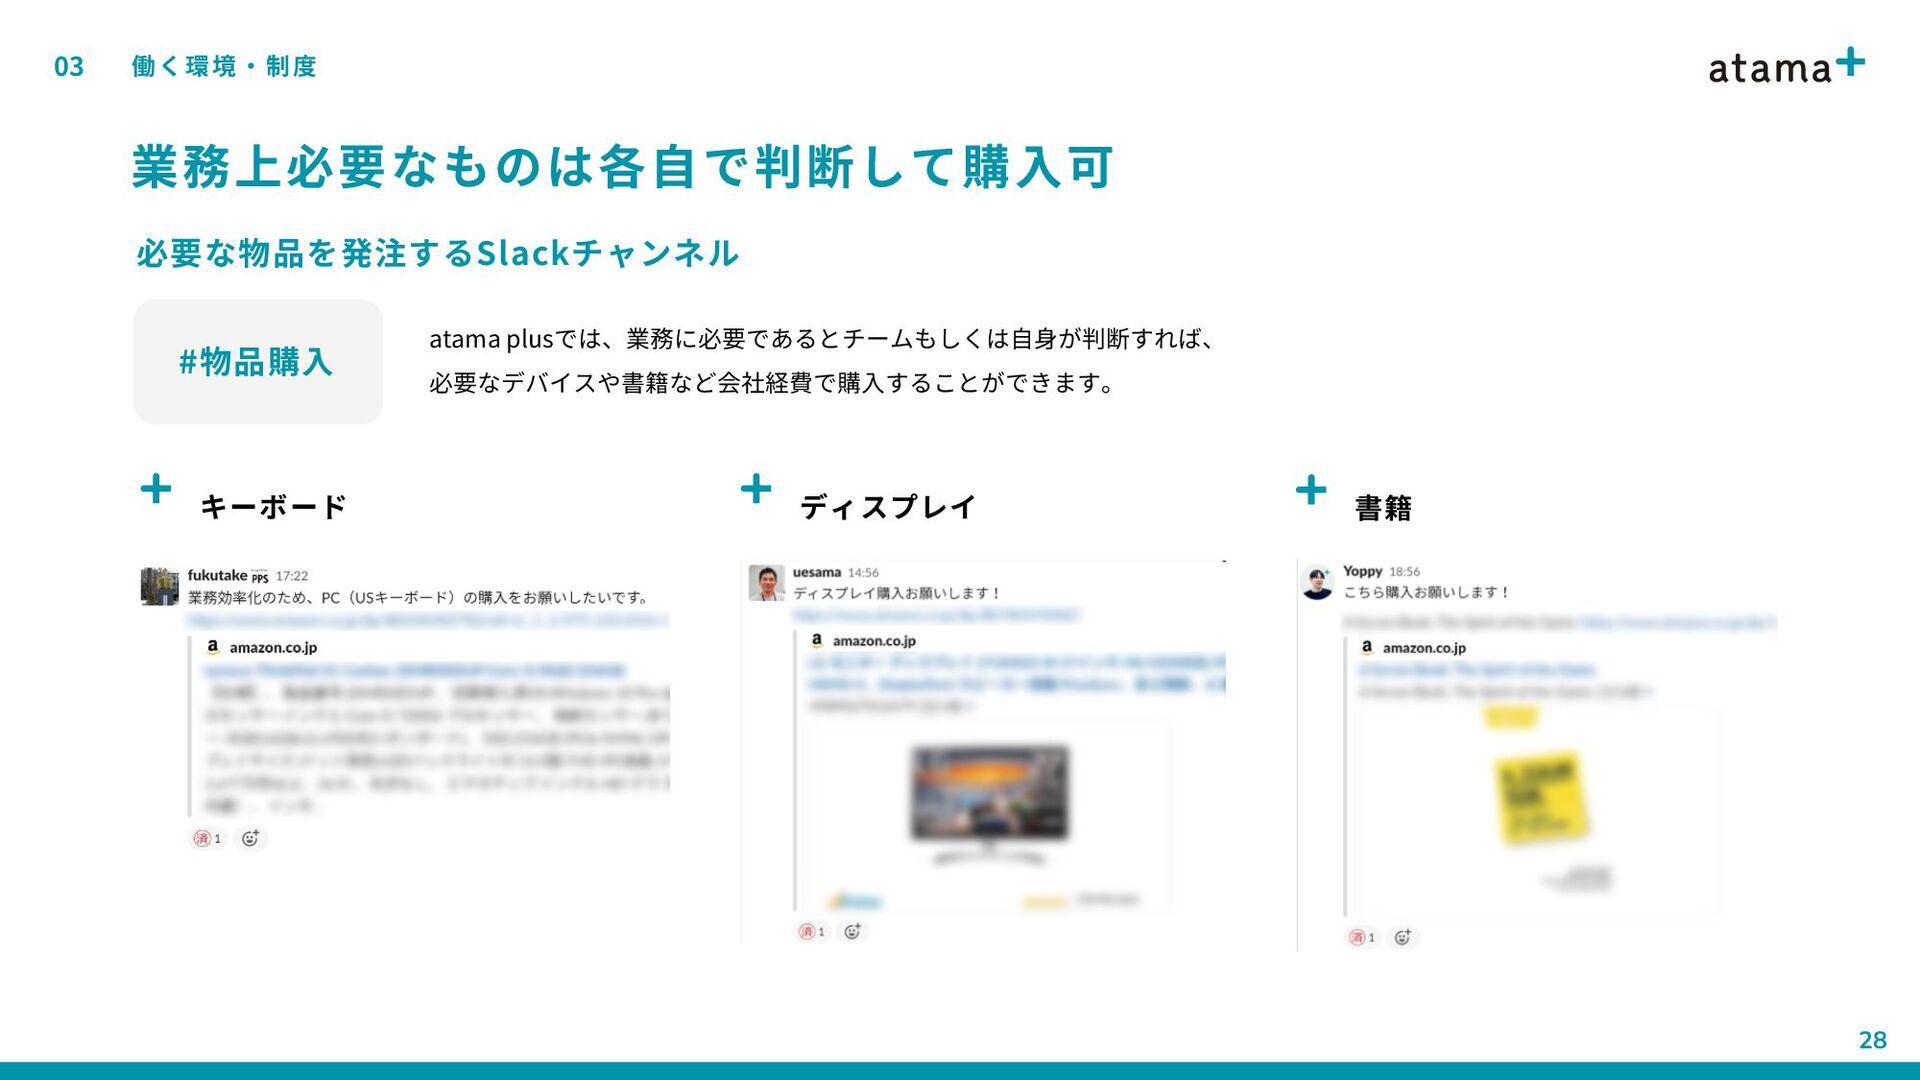 メンバー紹介・インタビュー 04 28